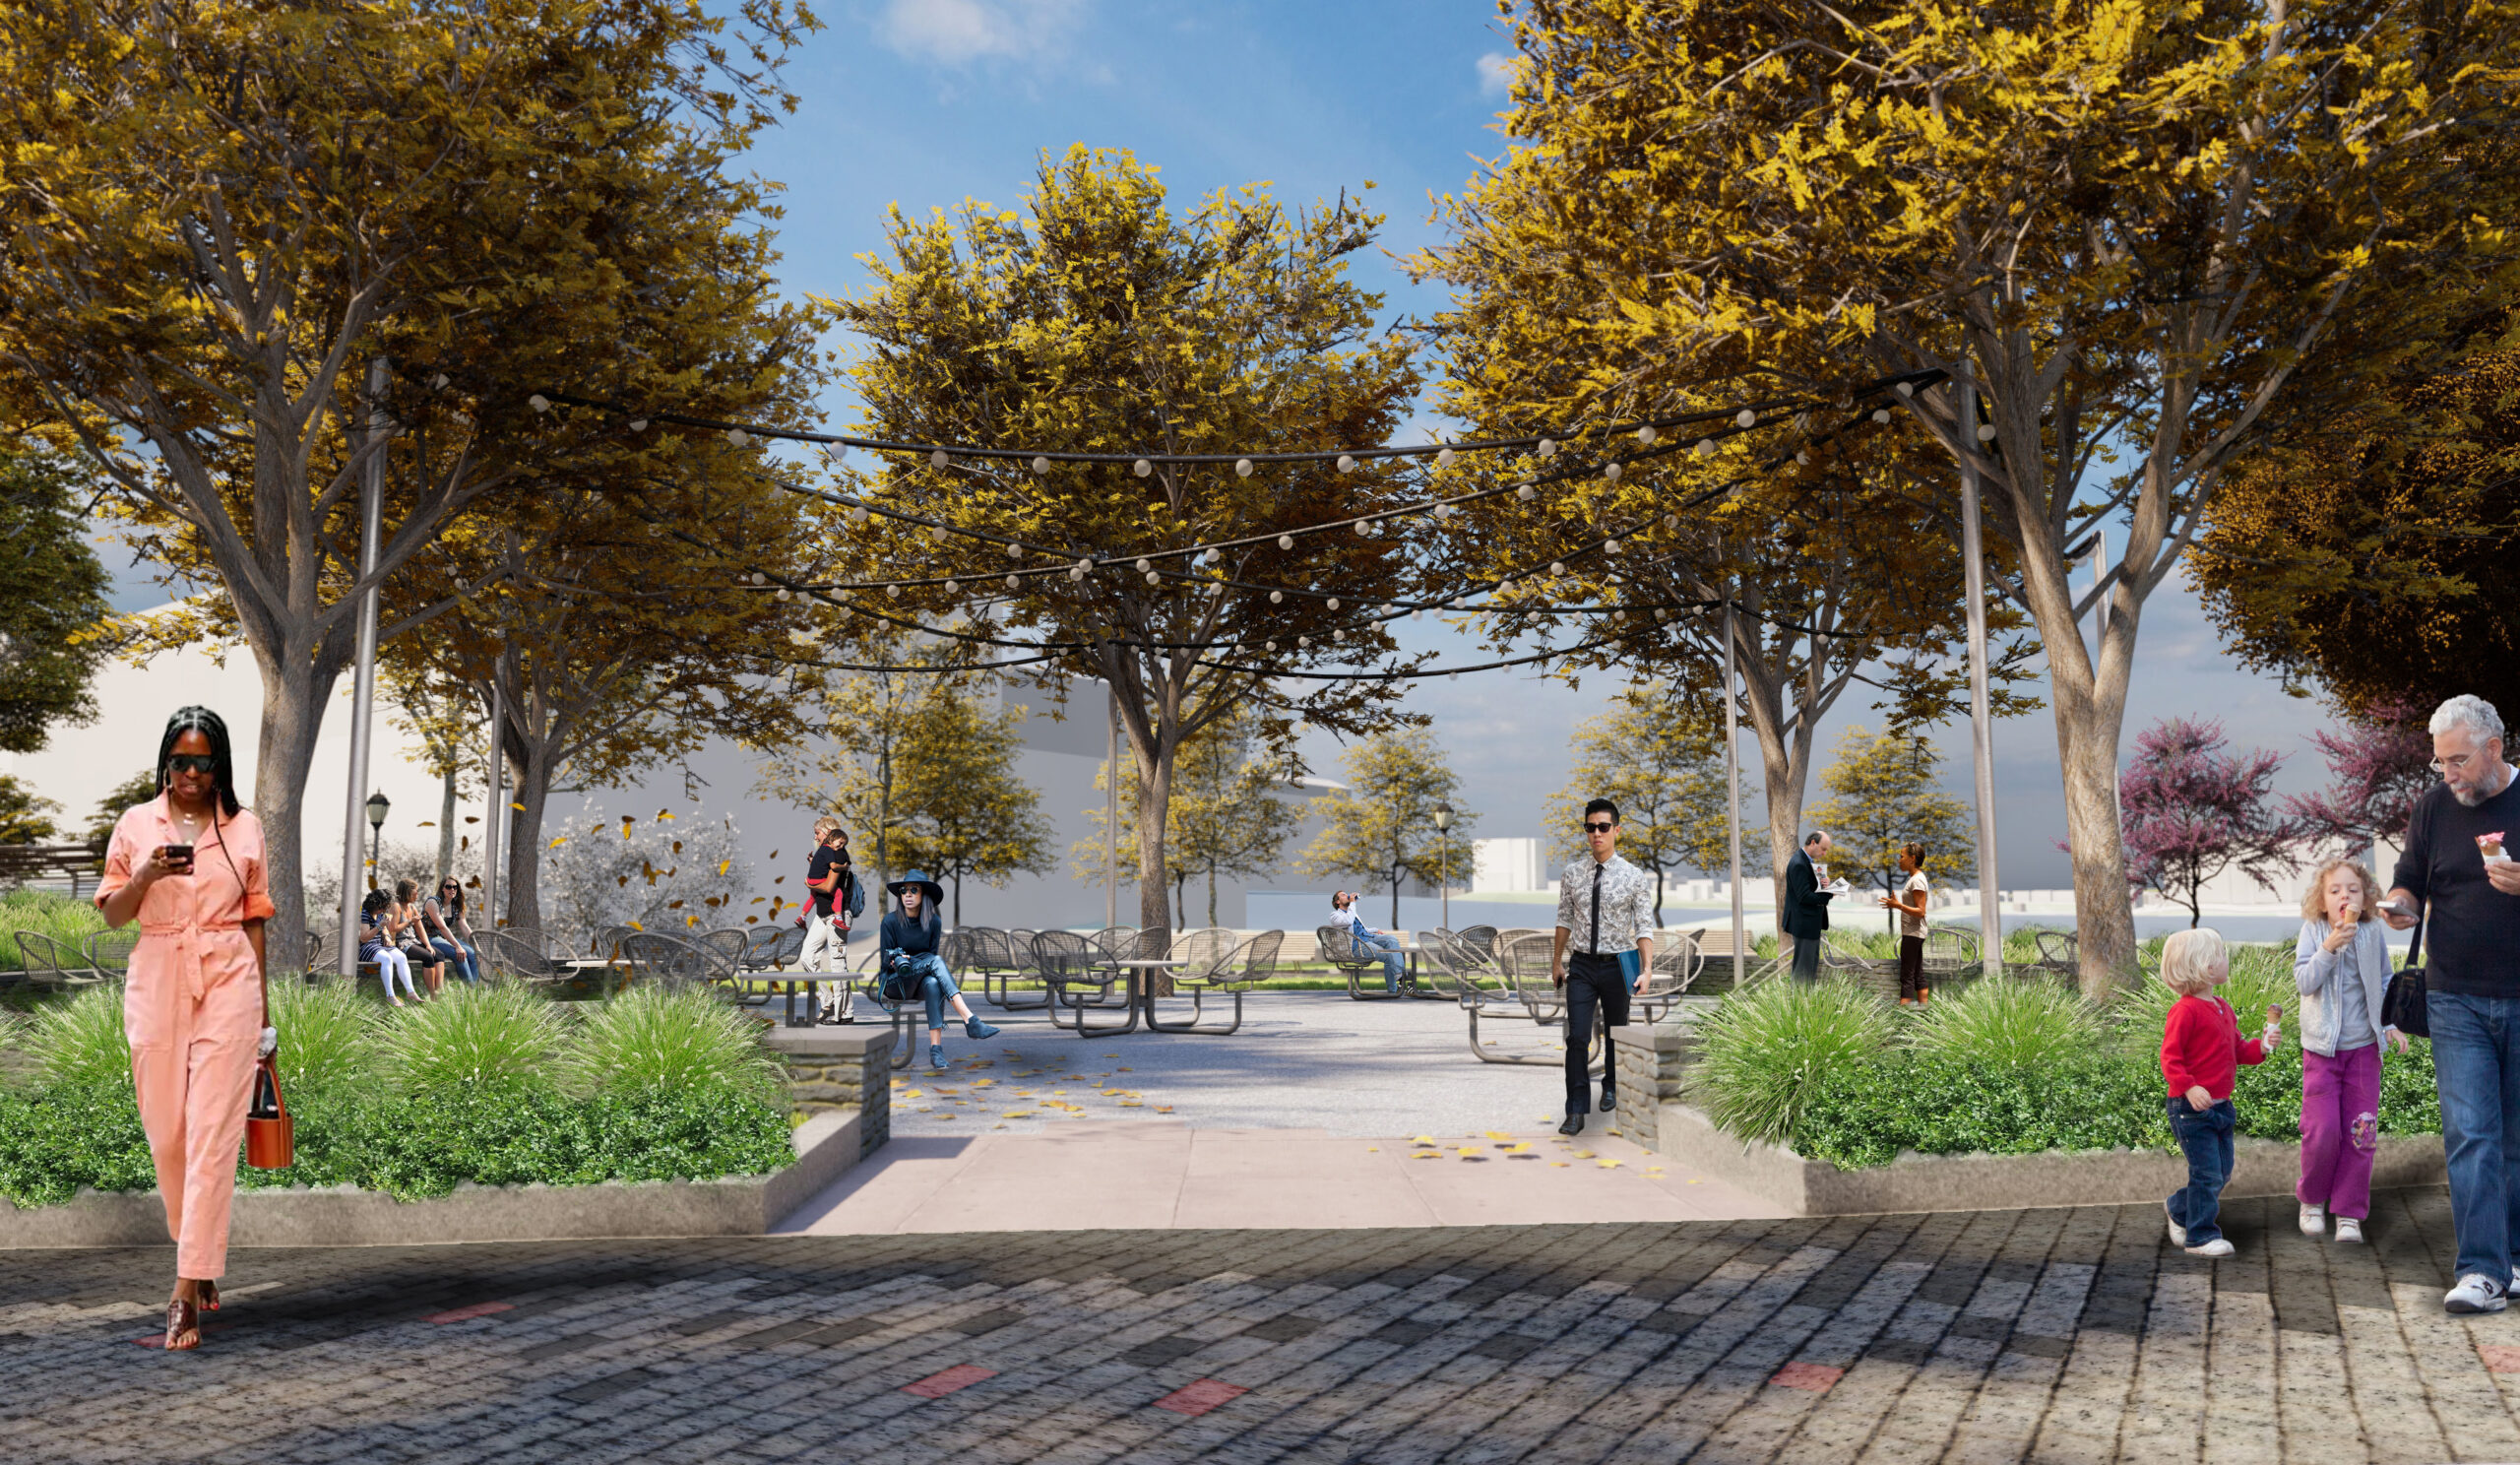 HRPK Chelsea Waterside Park picnic rendering